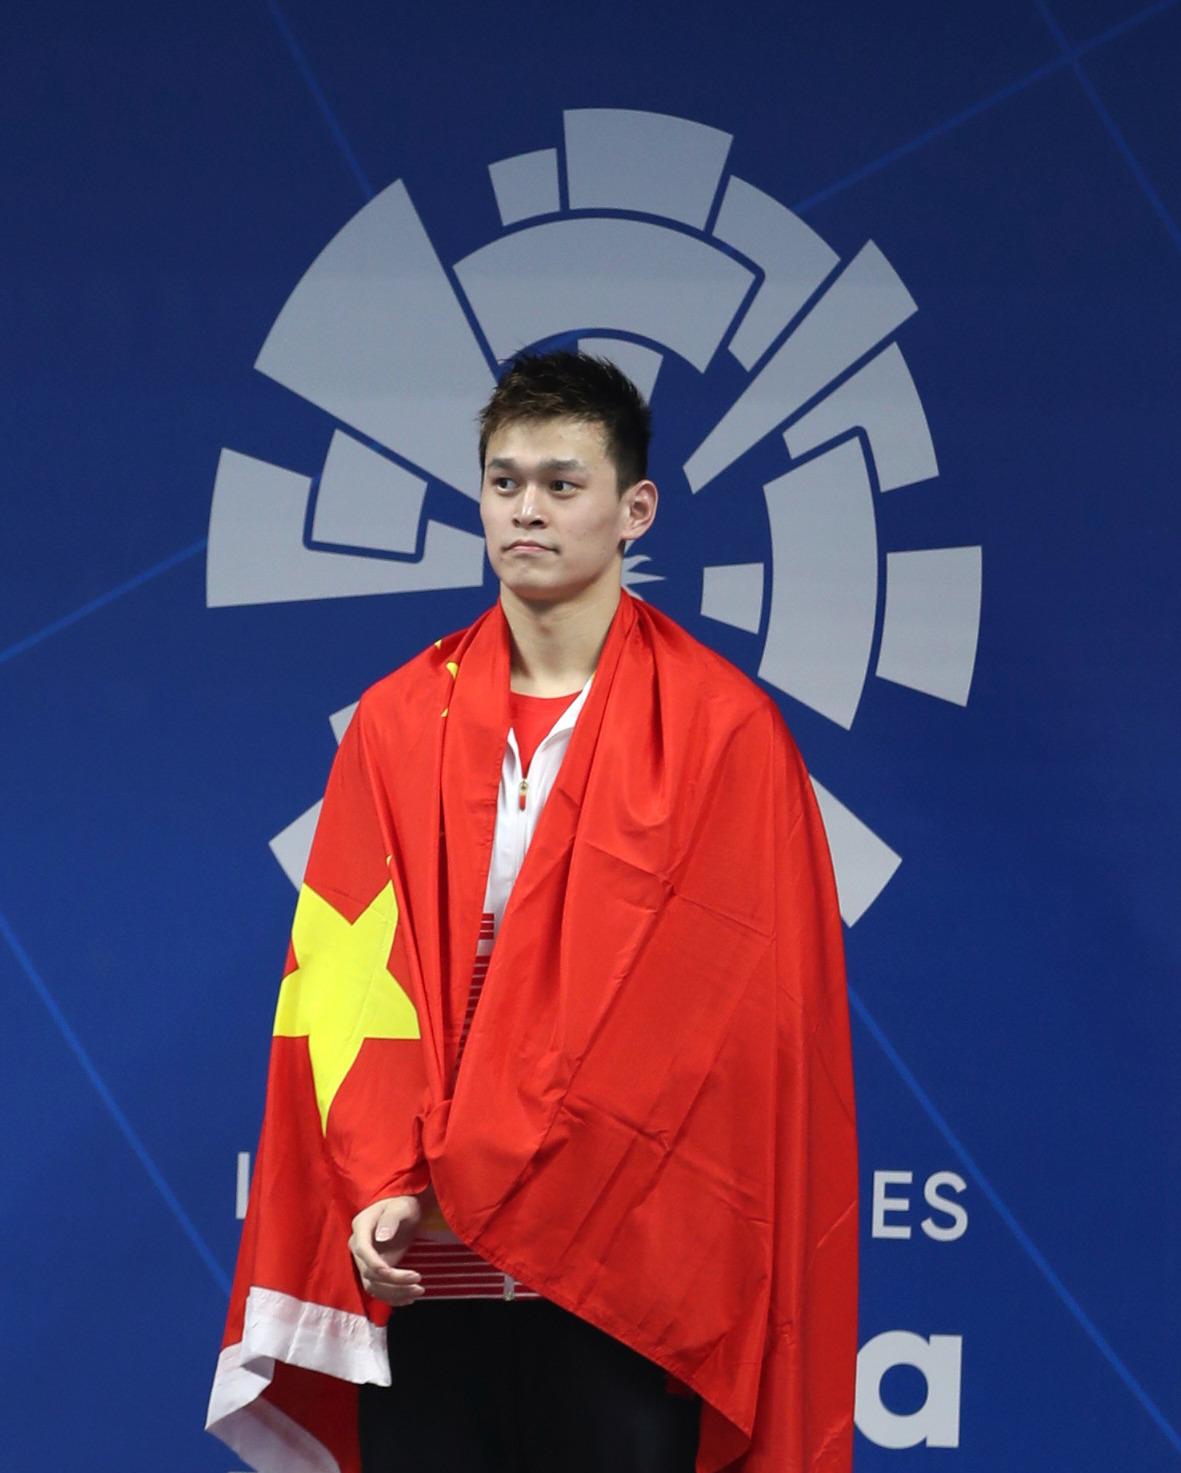 用国旗遮挡品牌 孙杨800米自夺冠领奖服再惹争议